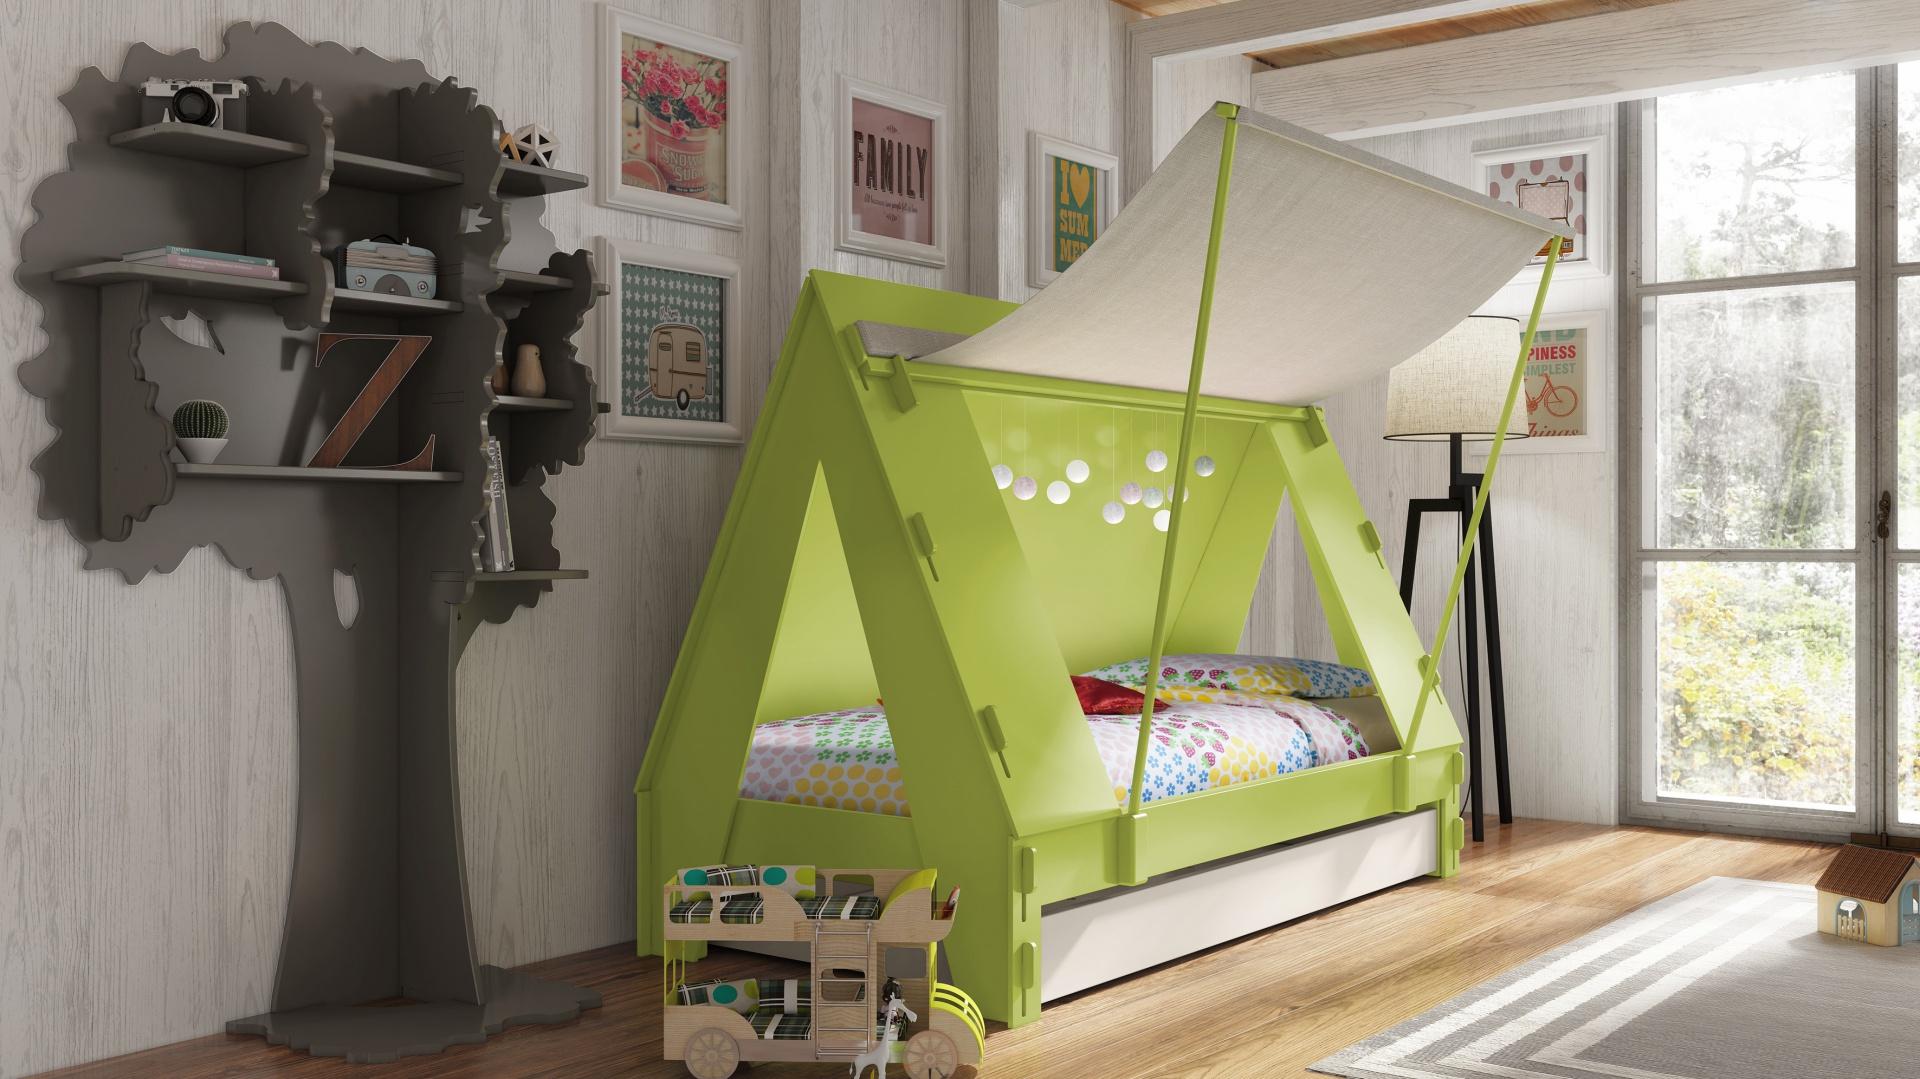 Oryginalne łóżko w soczystym, zielonym kolorze w formie namiotu. Fot. Cuckooland.